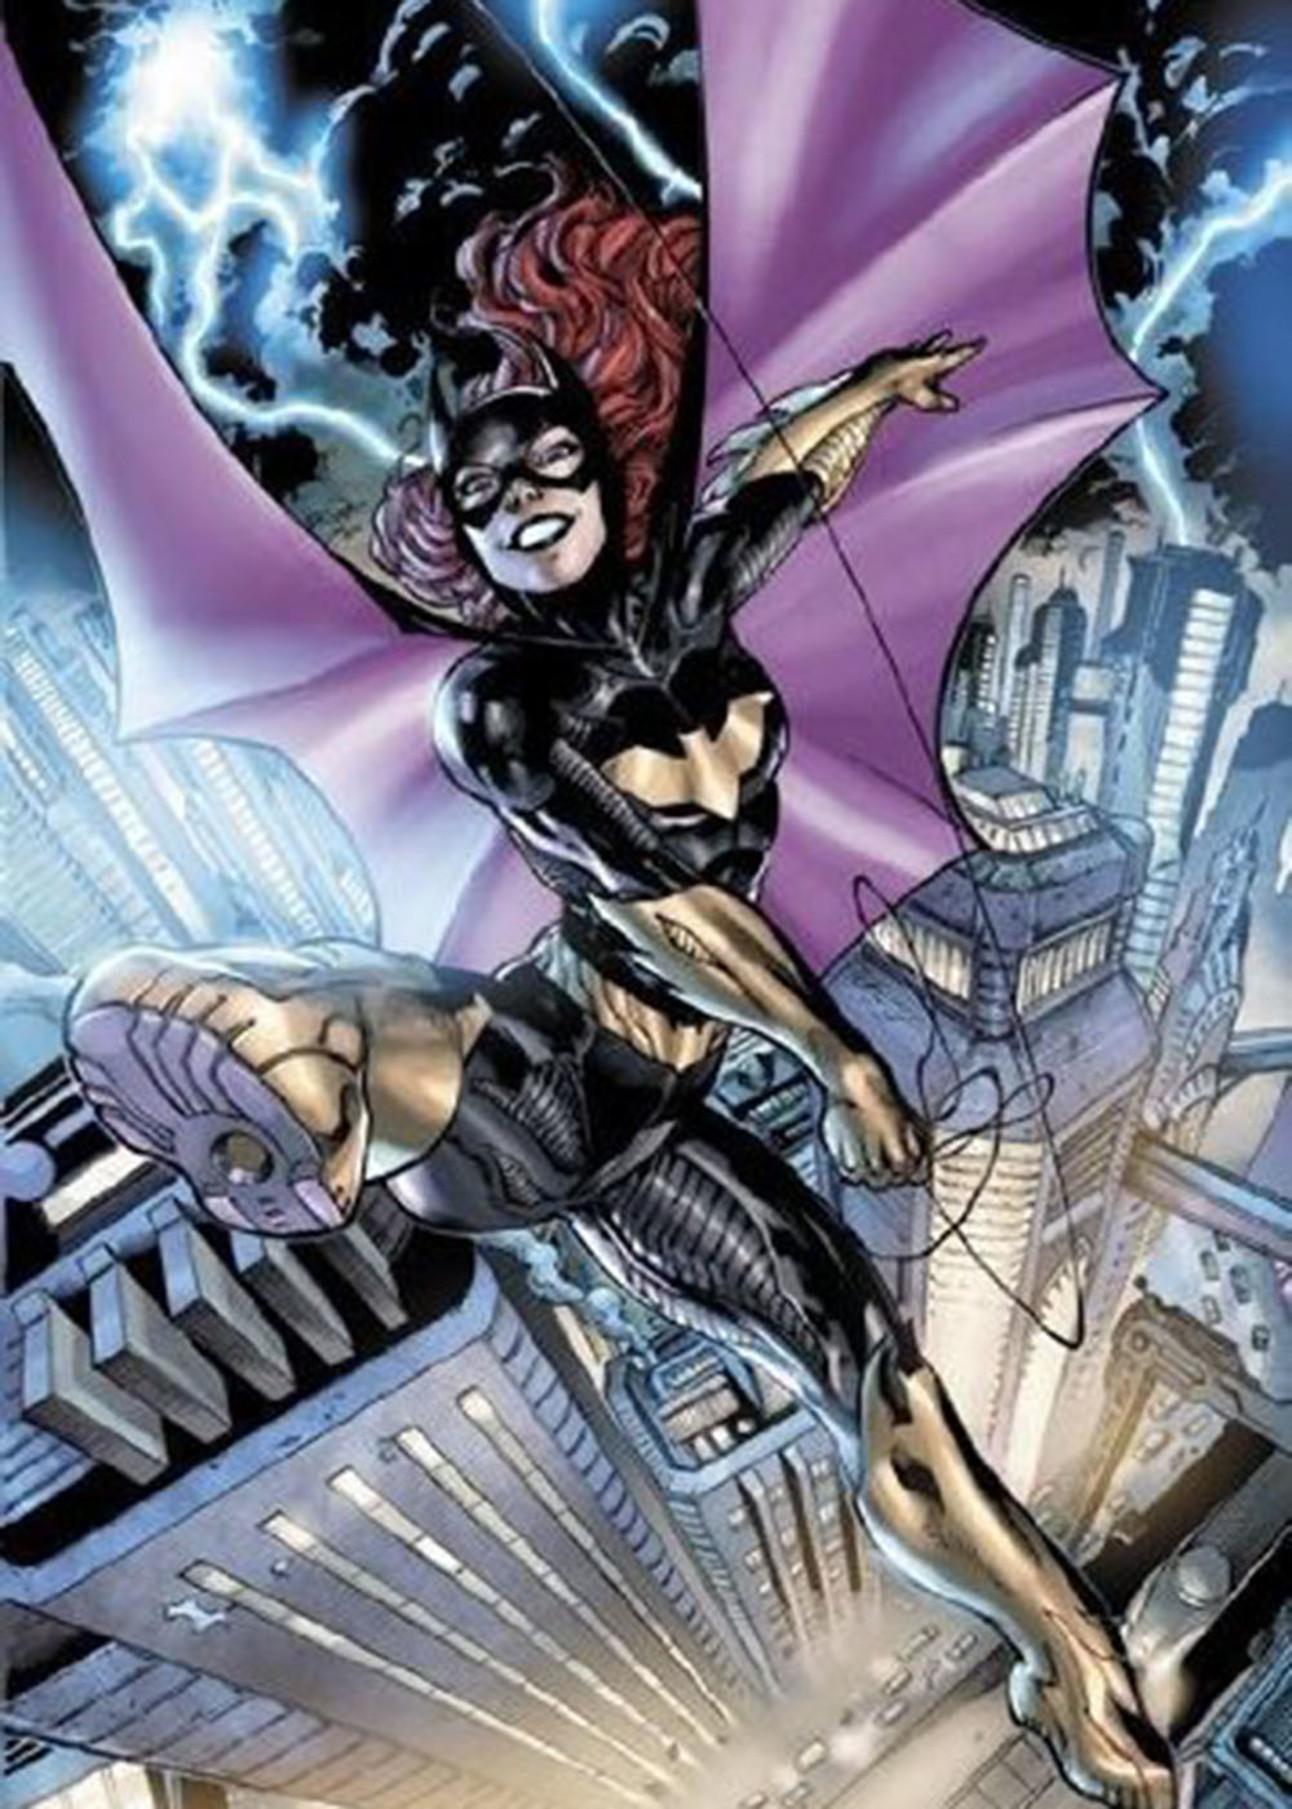 BatgirlNew52.jpg